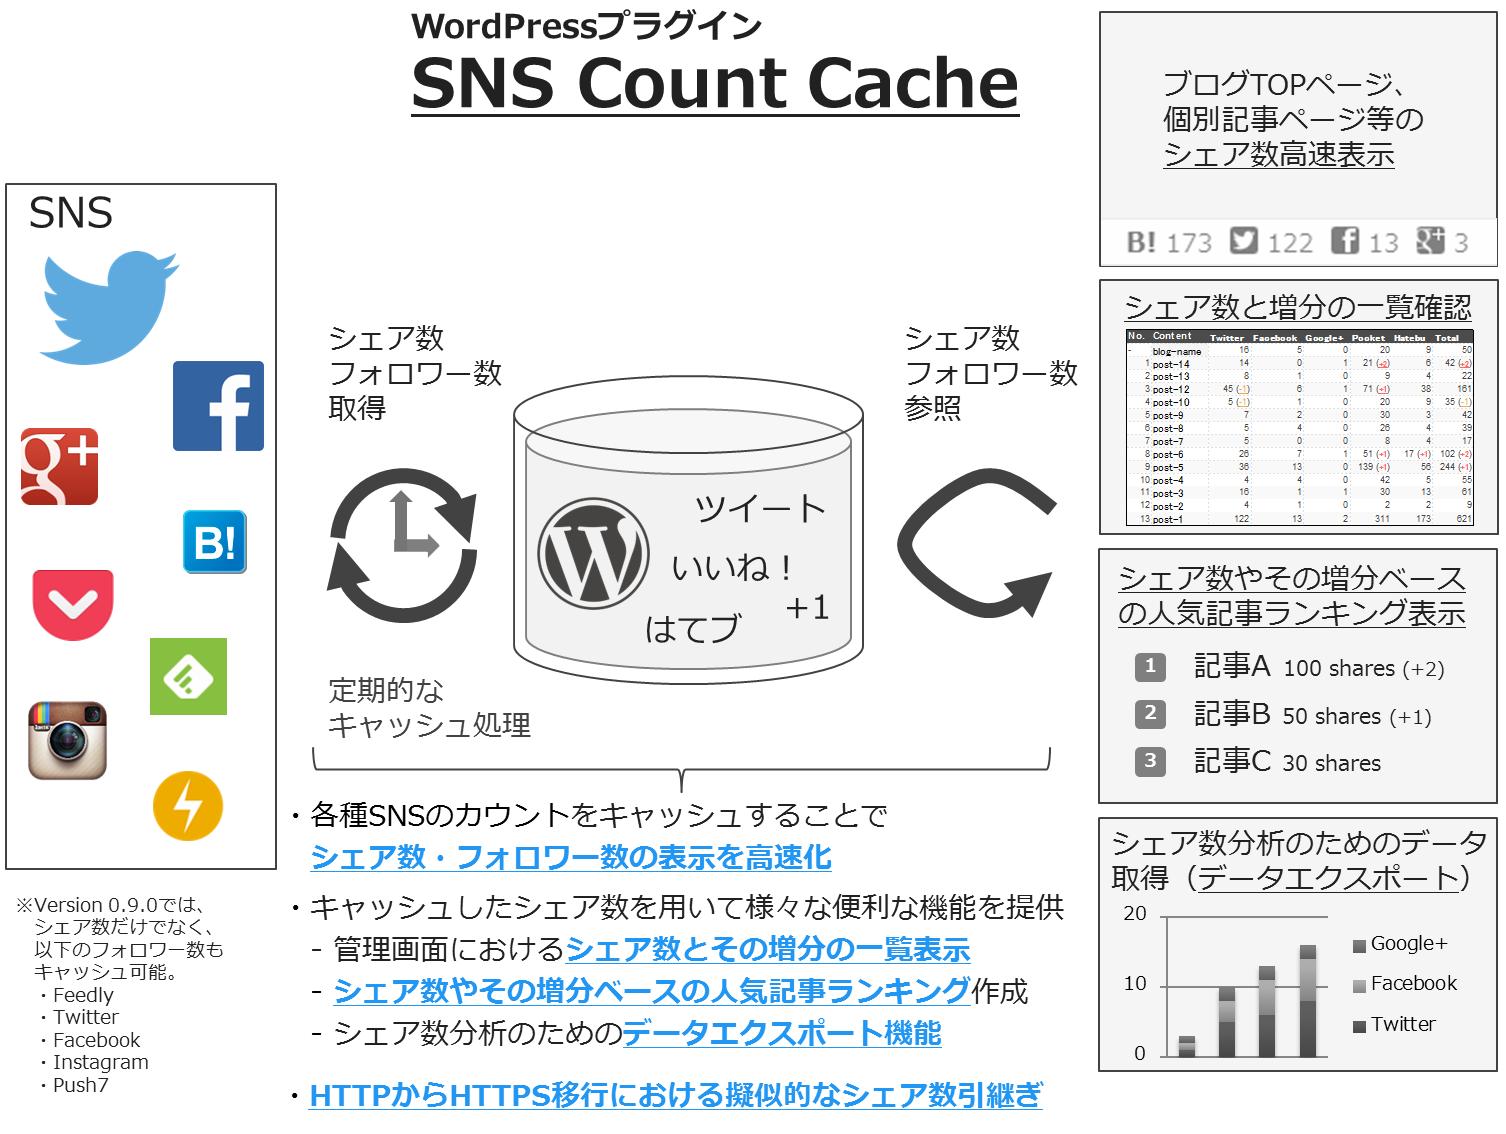 [試] WordPressプラグイン SNS Count Cache(Ver. 0.9.3 beta)の臨時公開